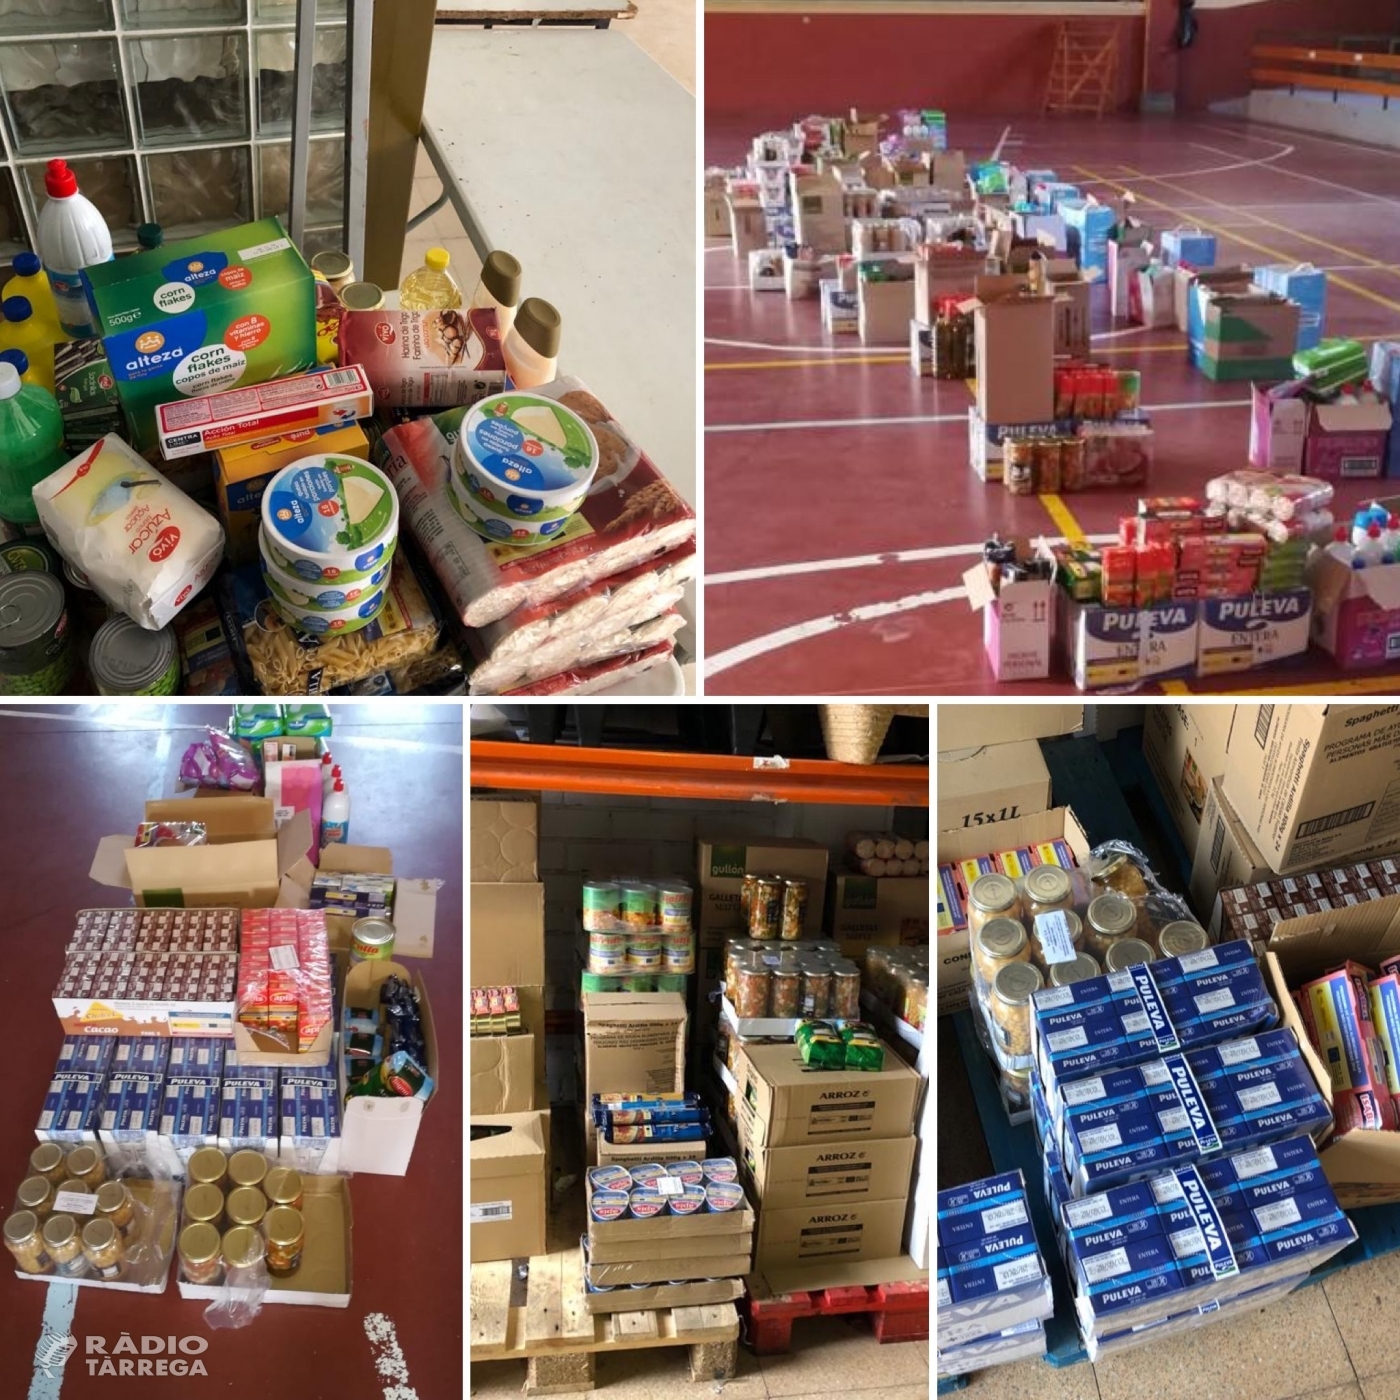 48 famílies sol·liciten ajuda per aliments a Serveis Socials del Consell Comarcal de l'Urgell des de l'inici de la pandèmia